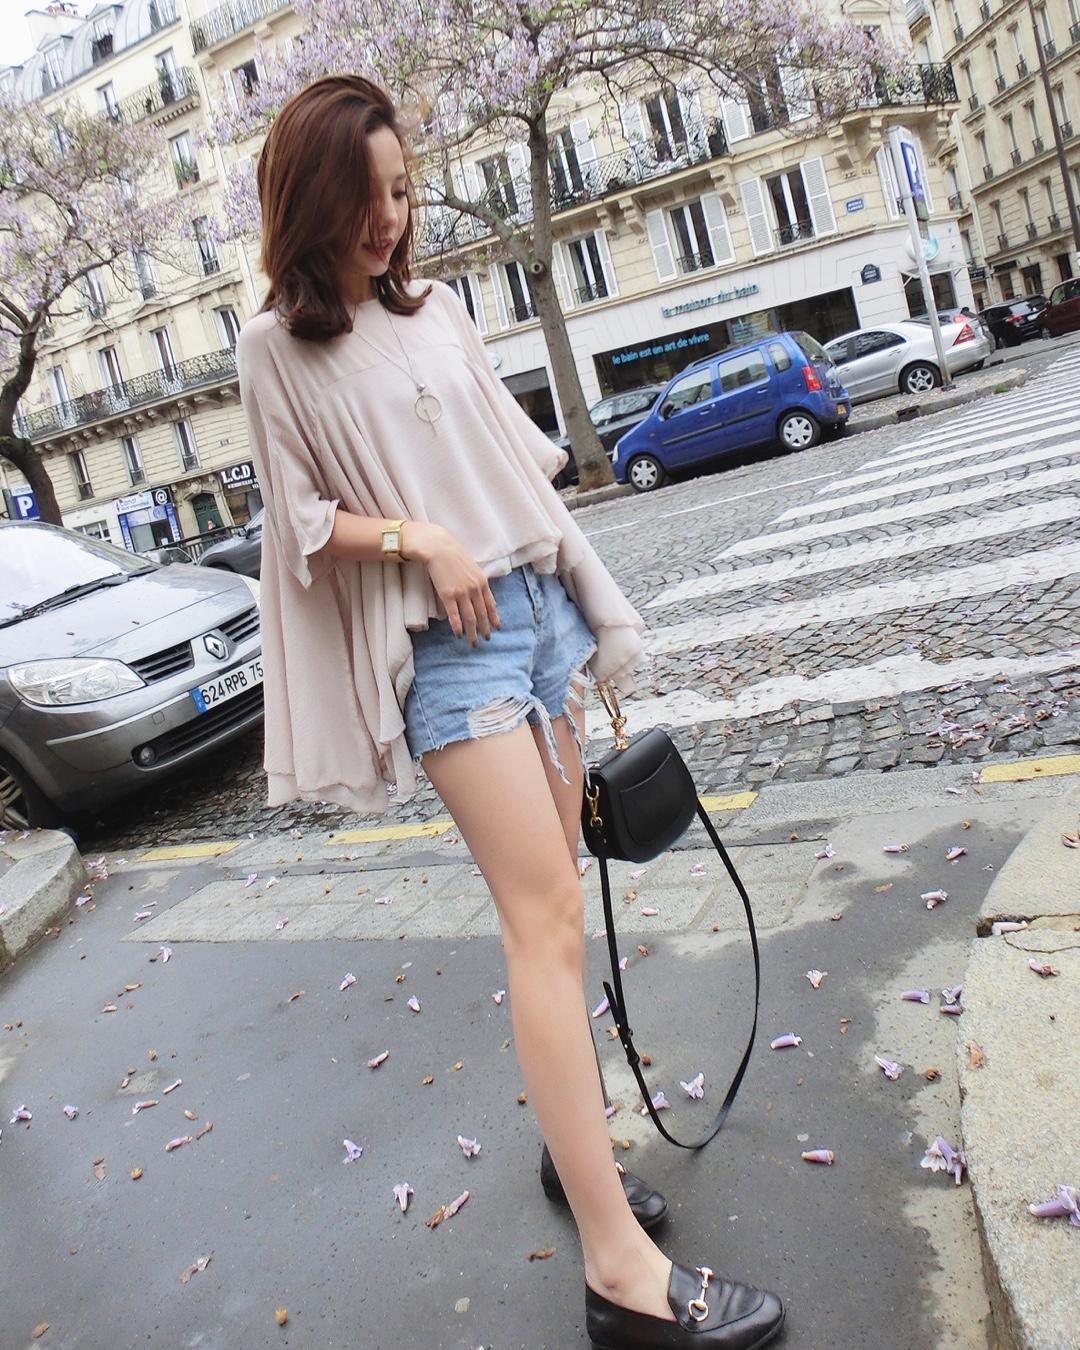 蕾丝款雪纺上衣 非常的亲肤 颜色超级温柔啦 搭配短裤长裤都很好看哦 #日常时髦经:舒服最重要!#